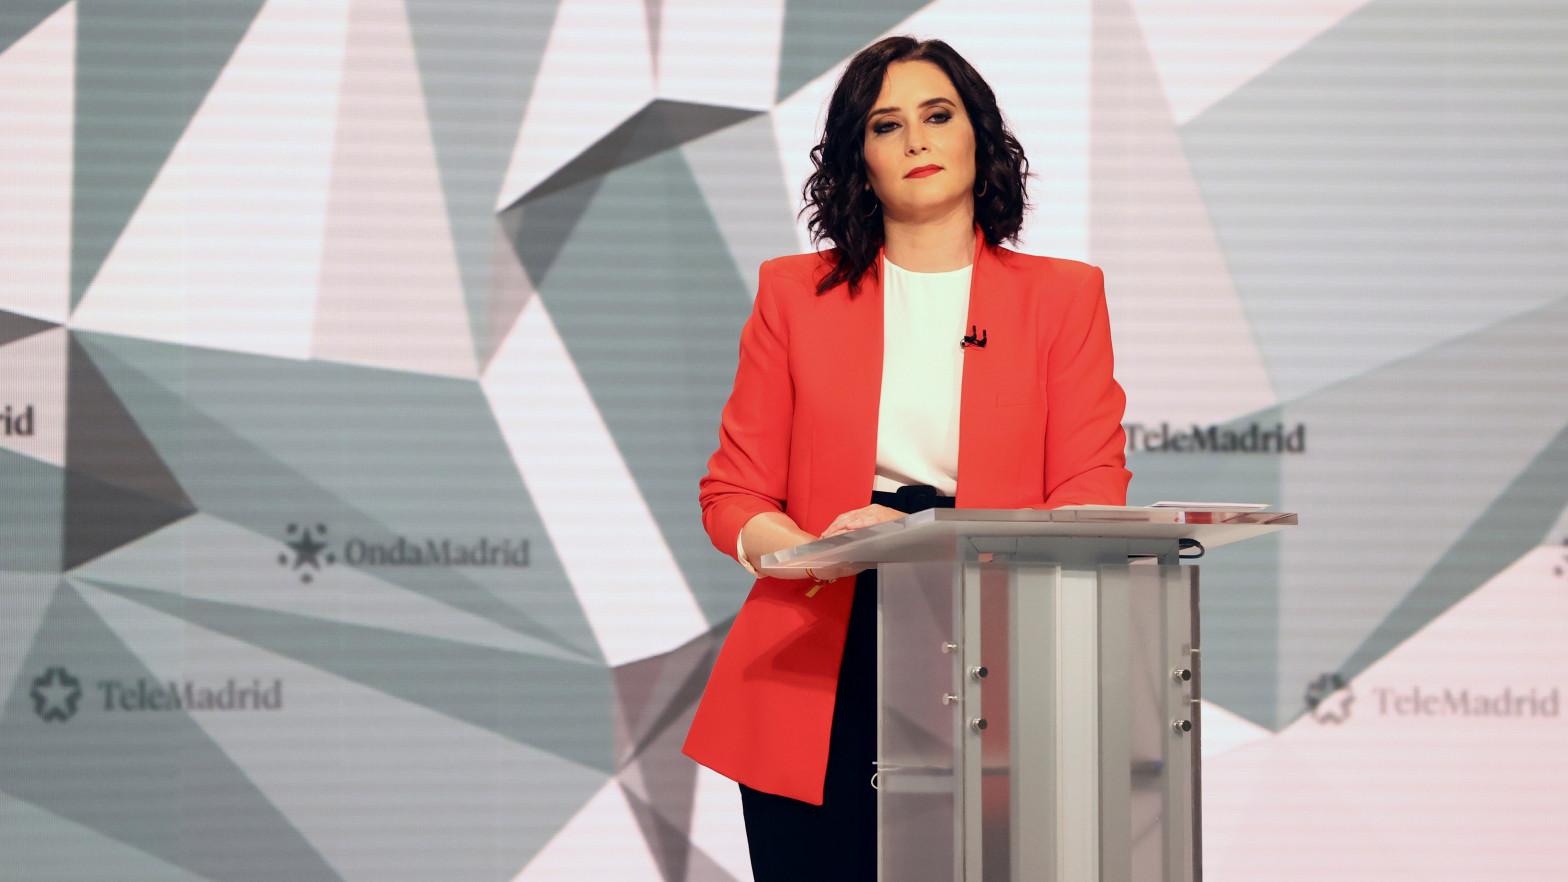 Ayuso ha ganado el debate electoral del 4-M, según un sondeo de Telemadrid